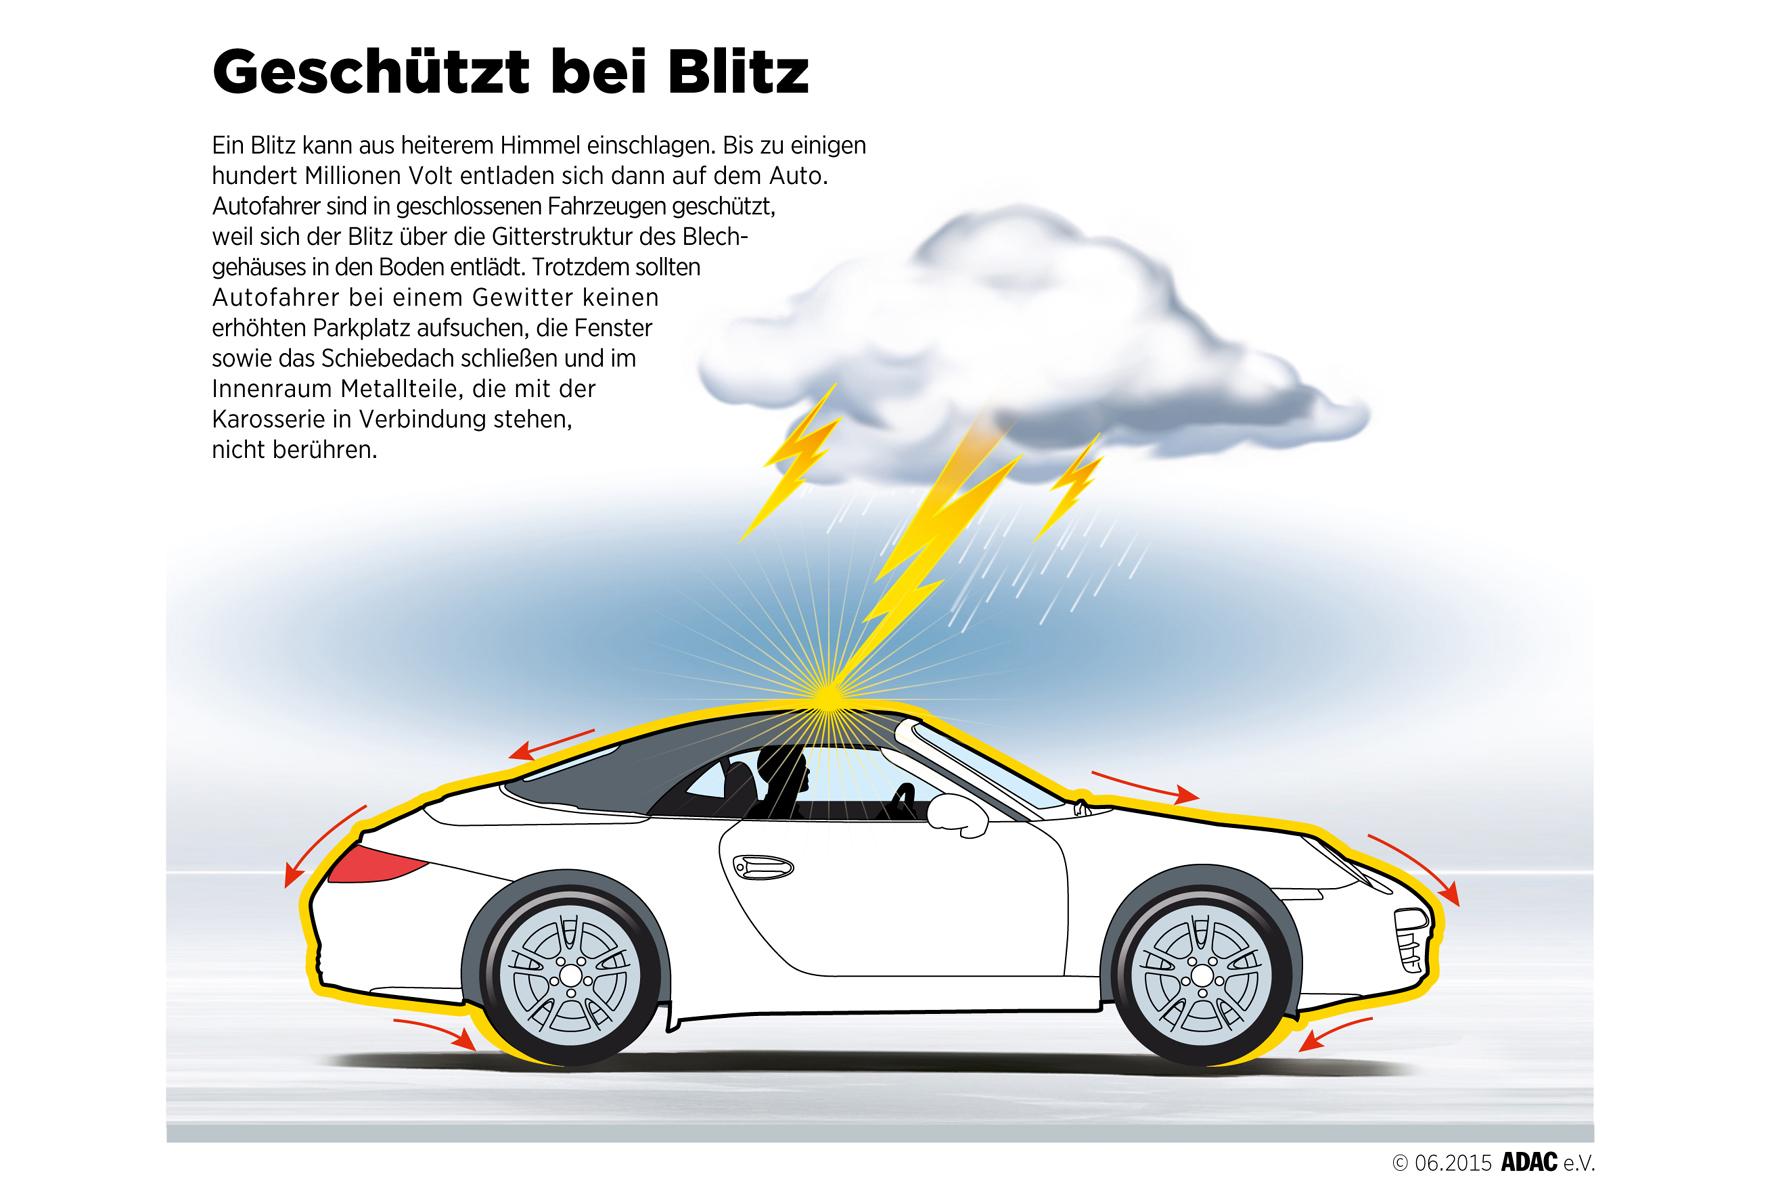 mid München - Die Karosserie des Autos schützt die Insassen bei einem Blitzeinschlag und leitet die Entladung in den Boden.